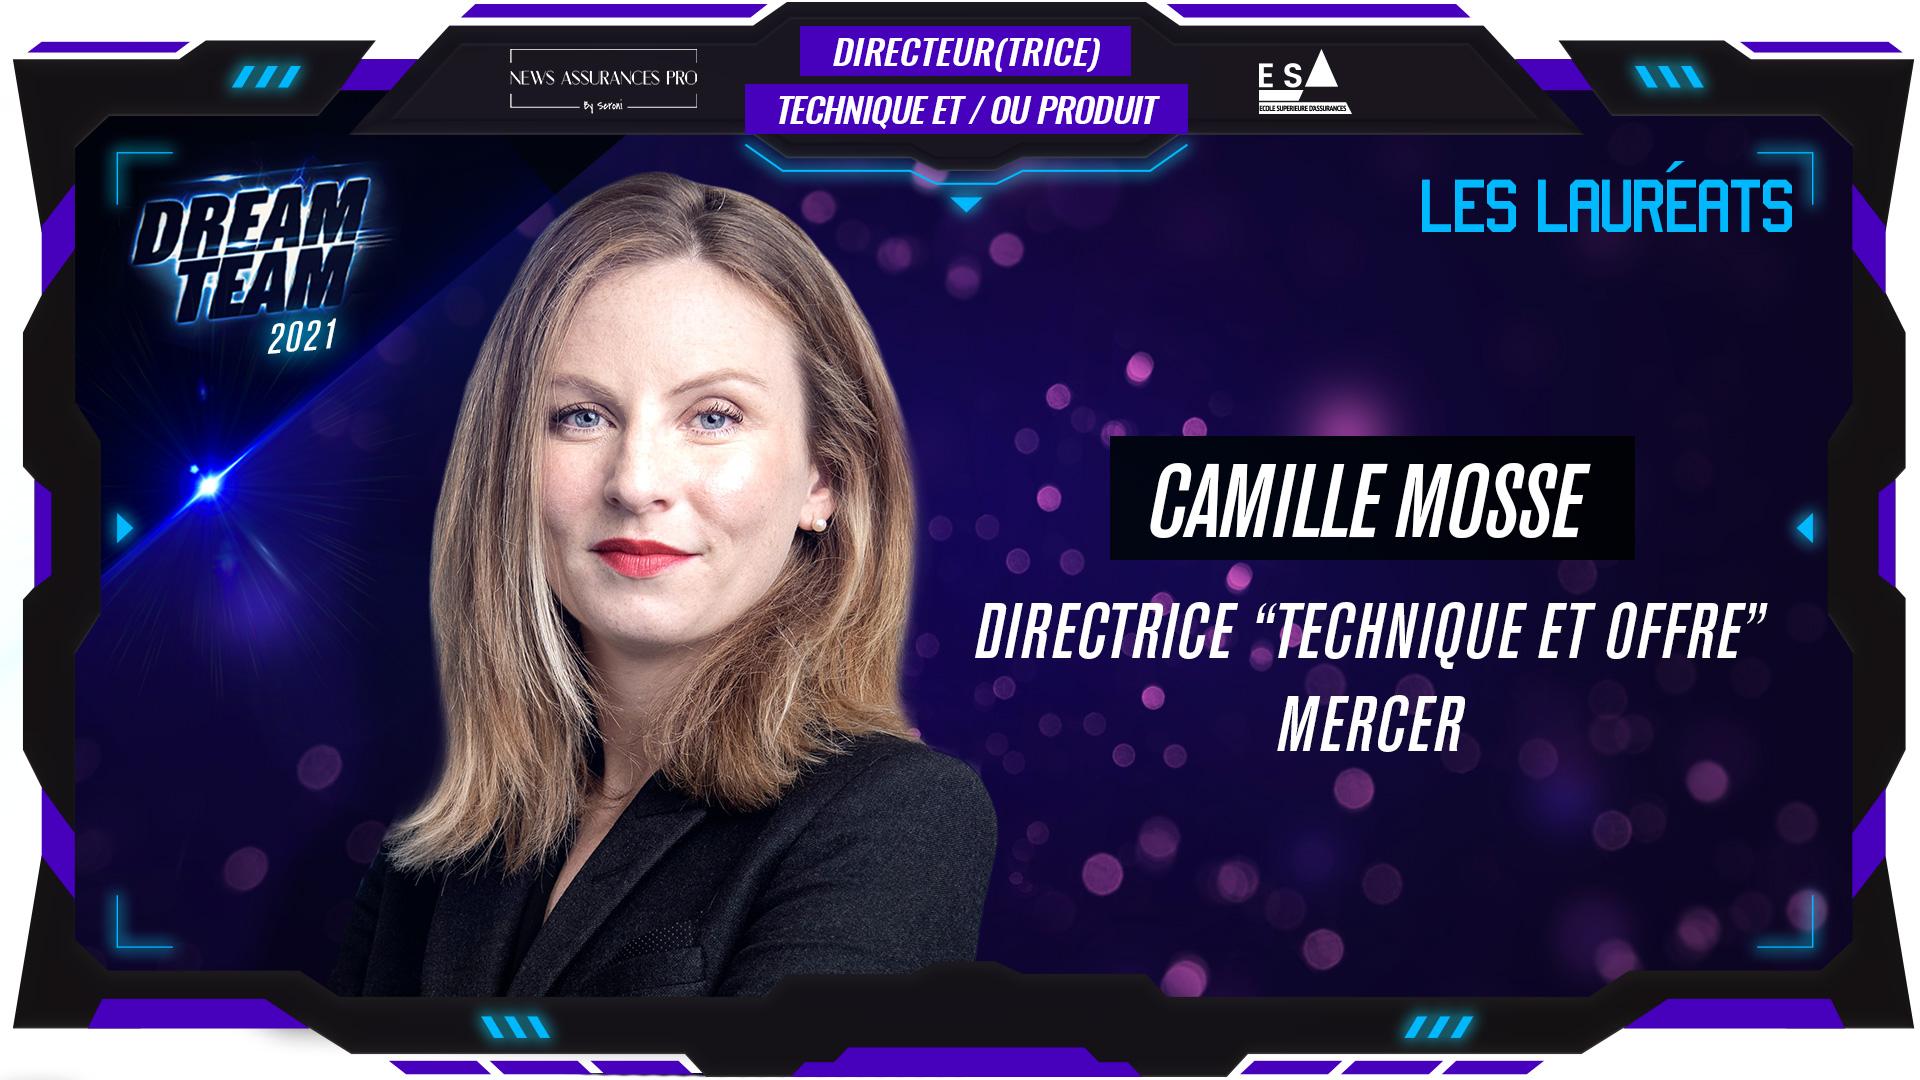 Camille Mosse au poste de Directrice Technique et/ou Produit